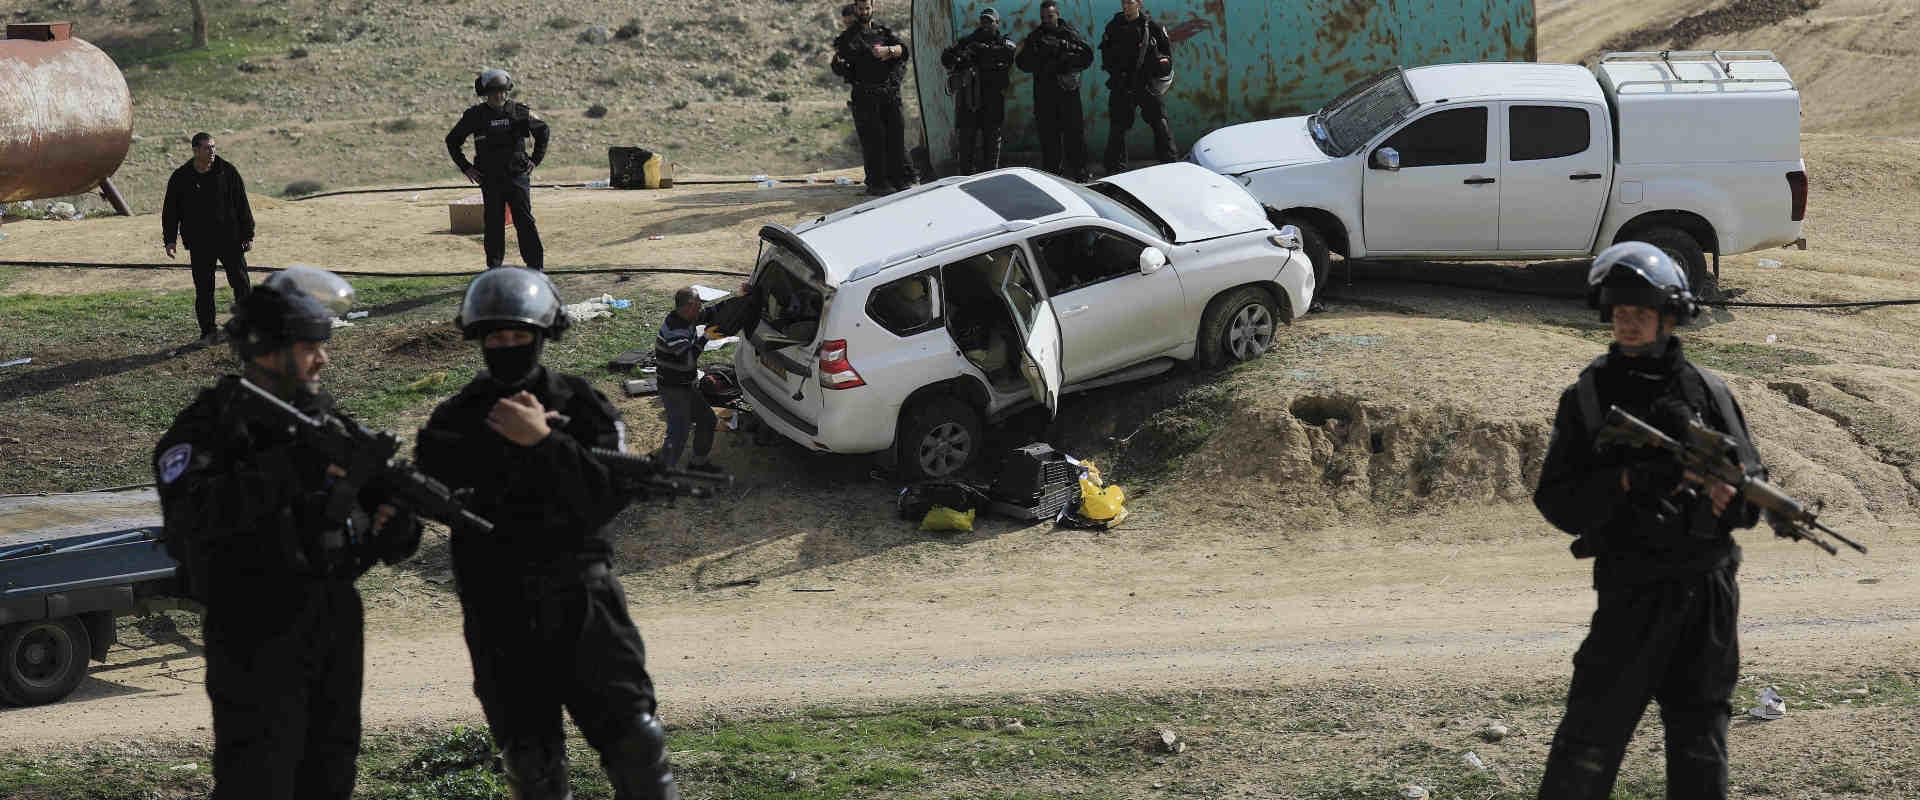 שוטרים ליד רכבו של אל-קיען באום אל-חיראן